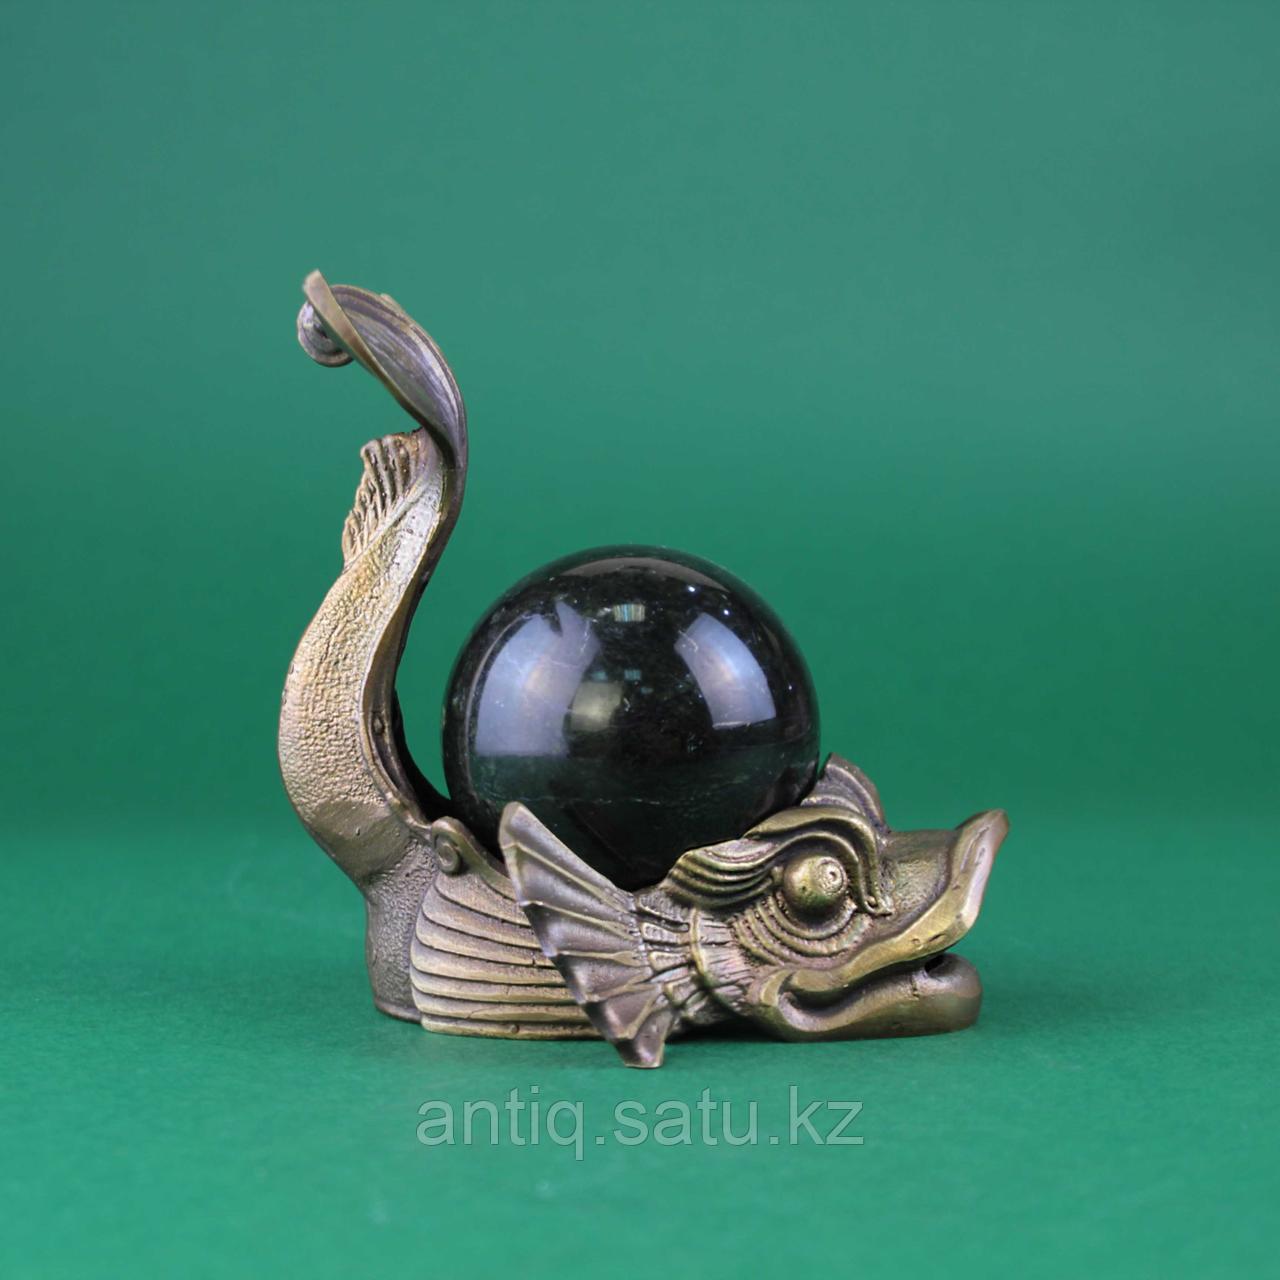 Рыба с шаром из камня. Бронза, литье, шар из натурального камня темно зеленого цвета. - фото 1